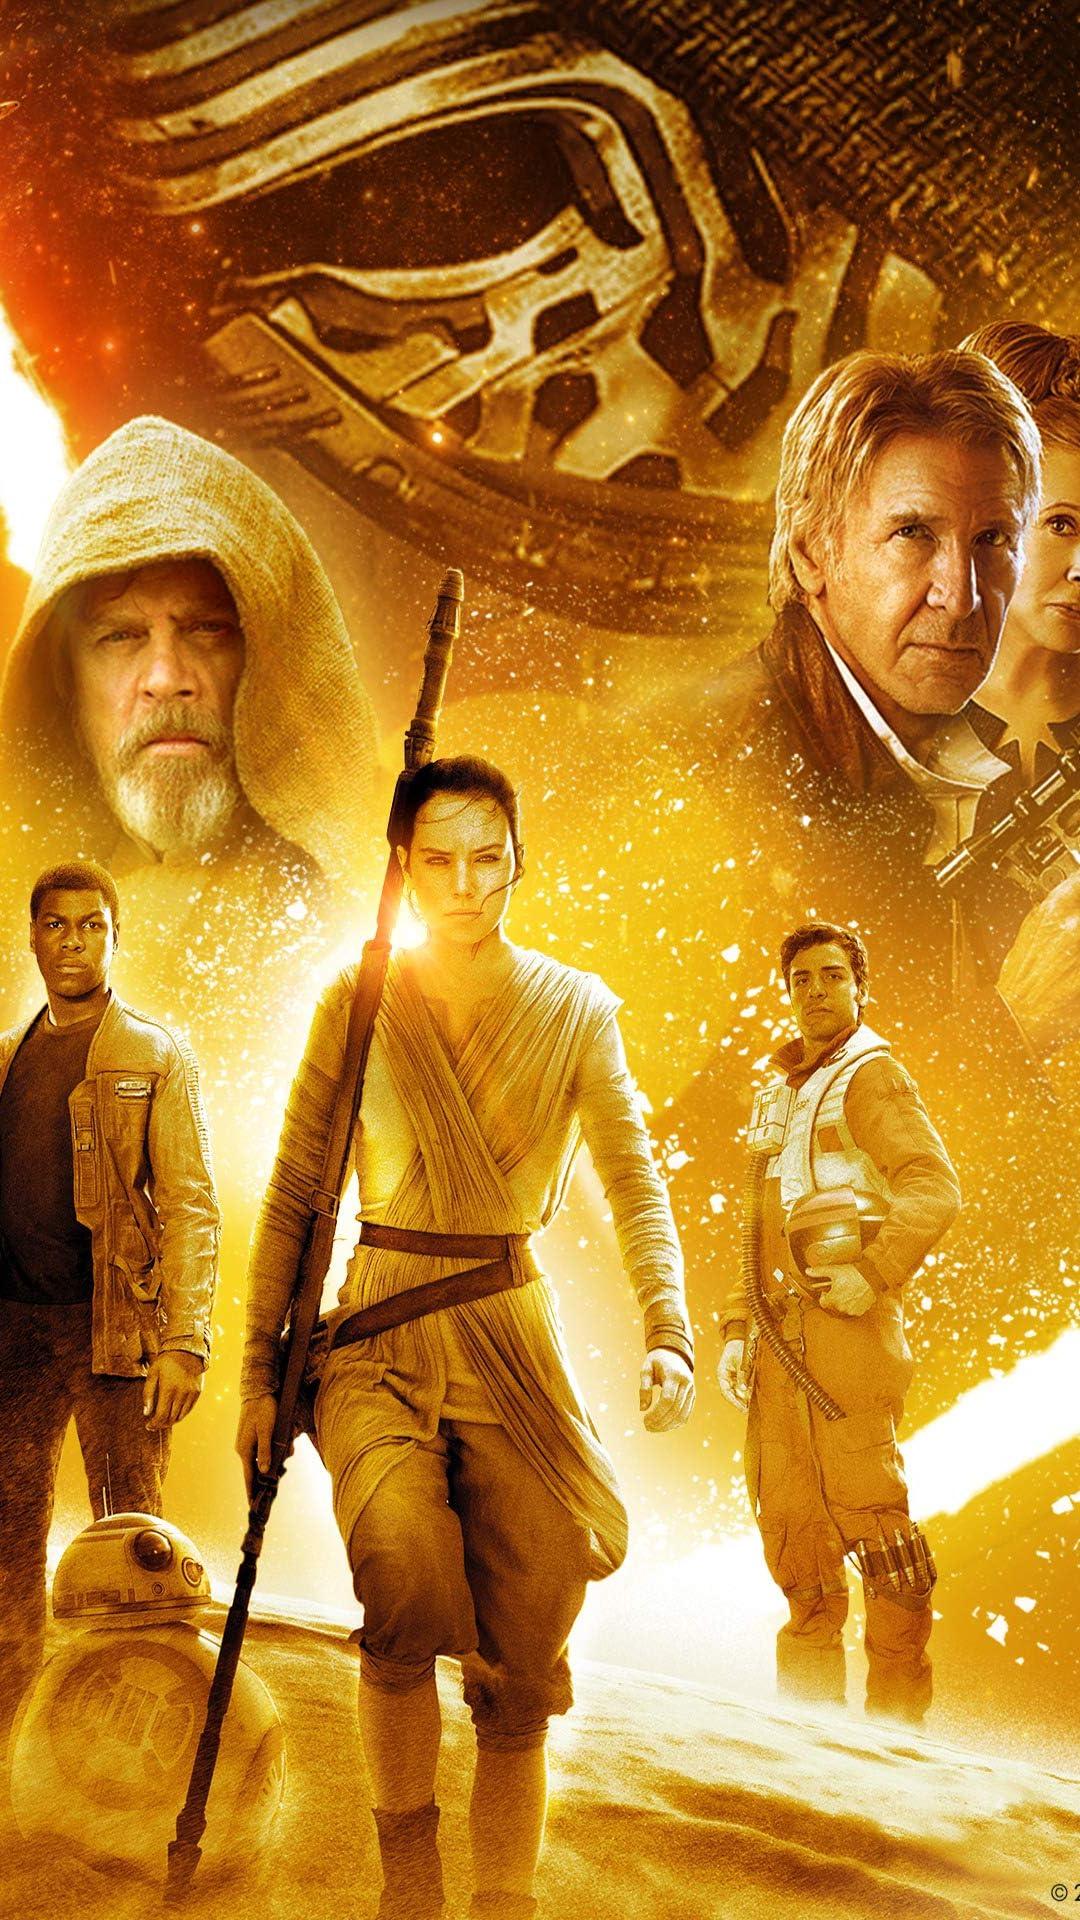 スター ウォーズ Star Wars フルhd 1080 19 スマホ壁紙 待受 フォースの覚醒 その他 スマホ用画像1438